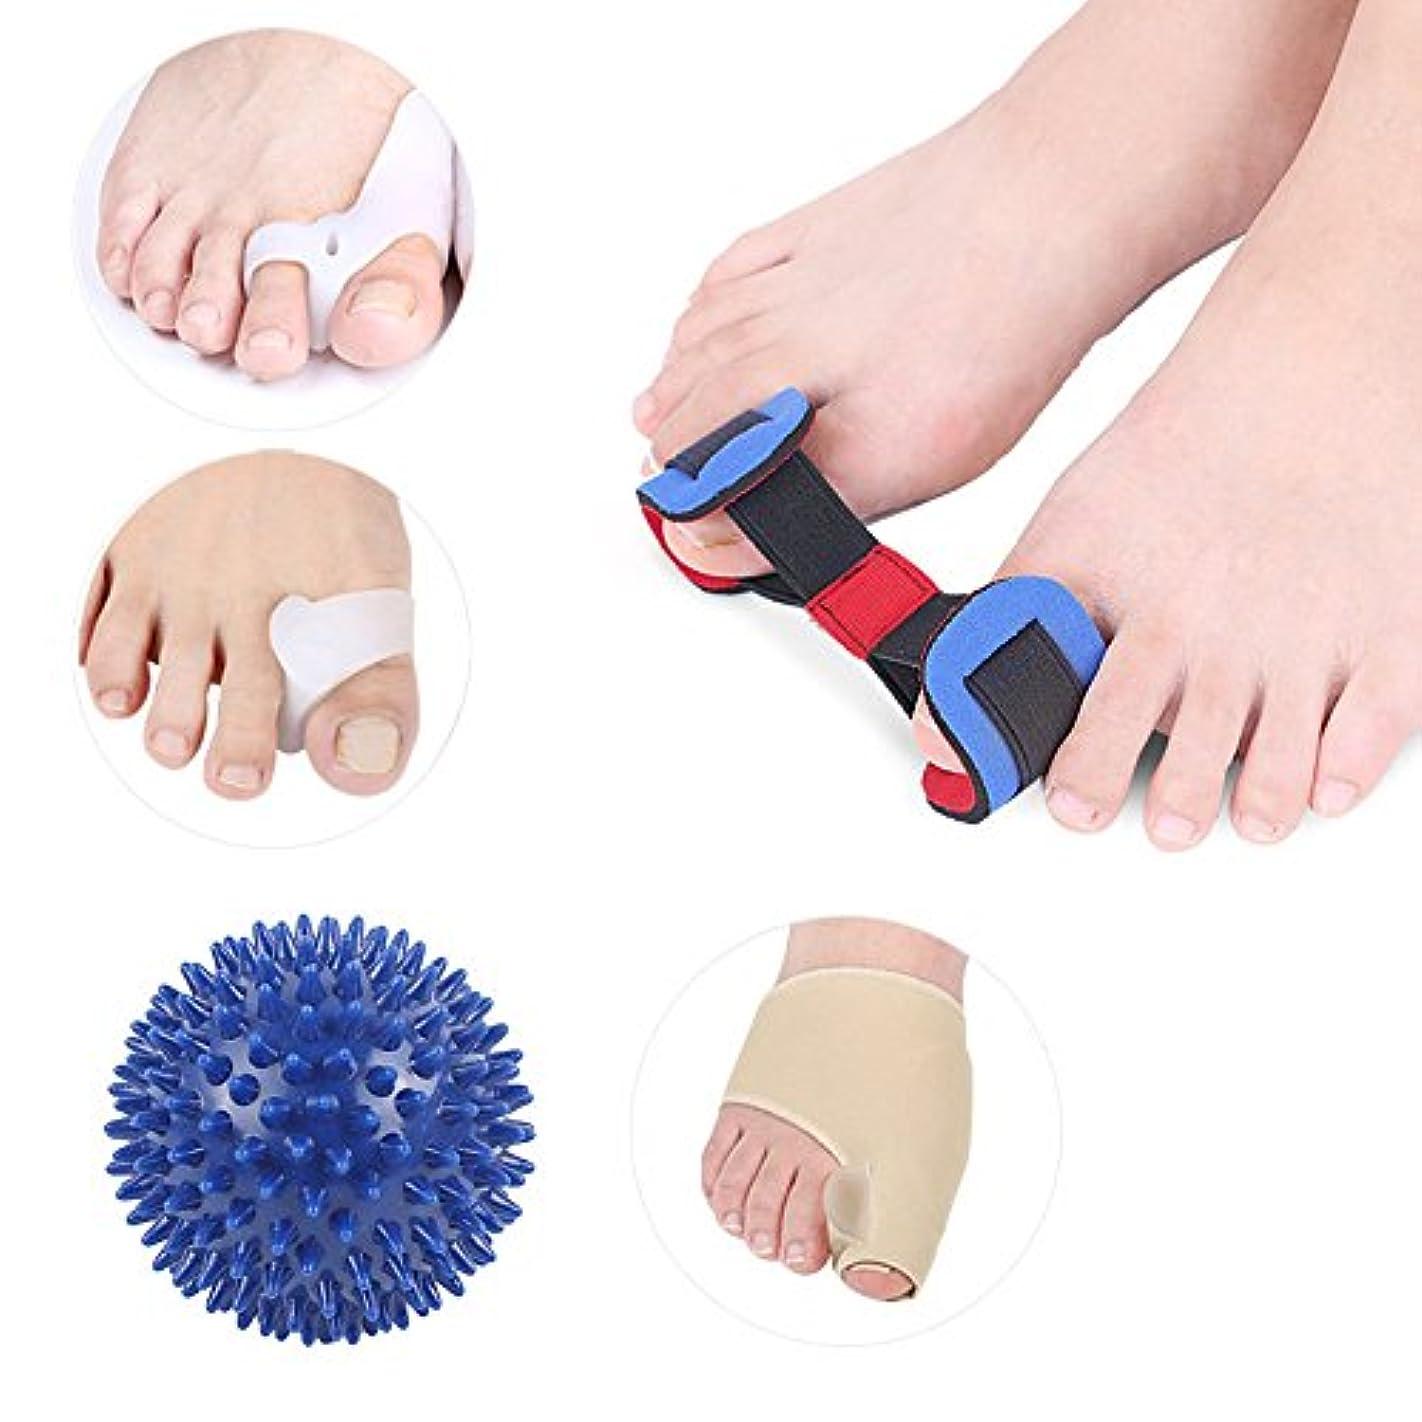 エンドテーブルかなりクラブ癒合矯正具、足の親指矯正Hallux外反夜、腱膜炎スプリント、足指セパレーター、腱膜リリーフプロテクタースリーブキット - 足関節の痛みの治療、スペーサ矯正補助手術